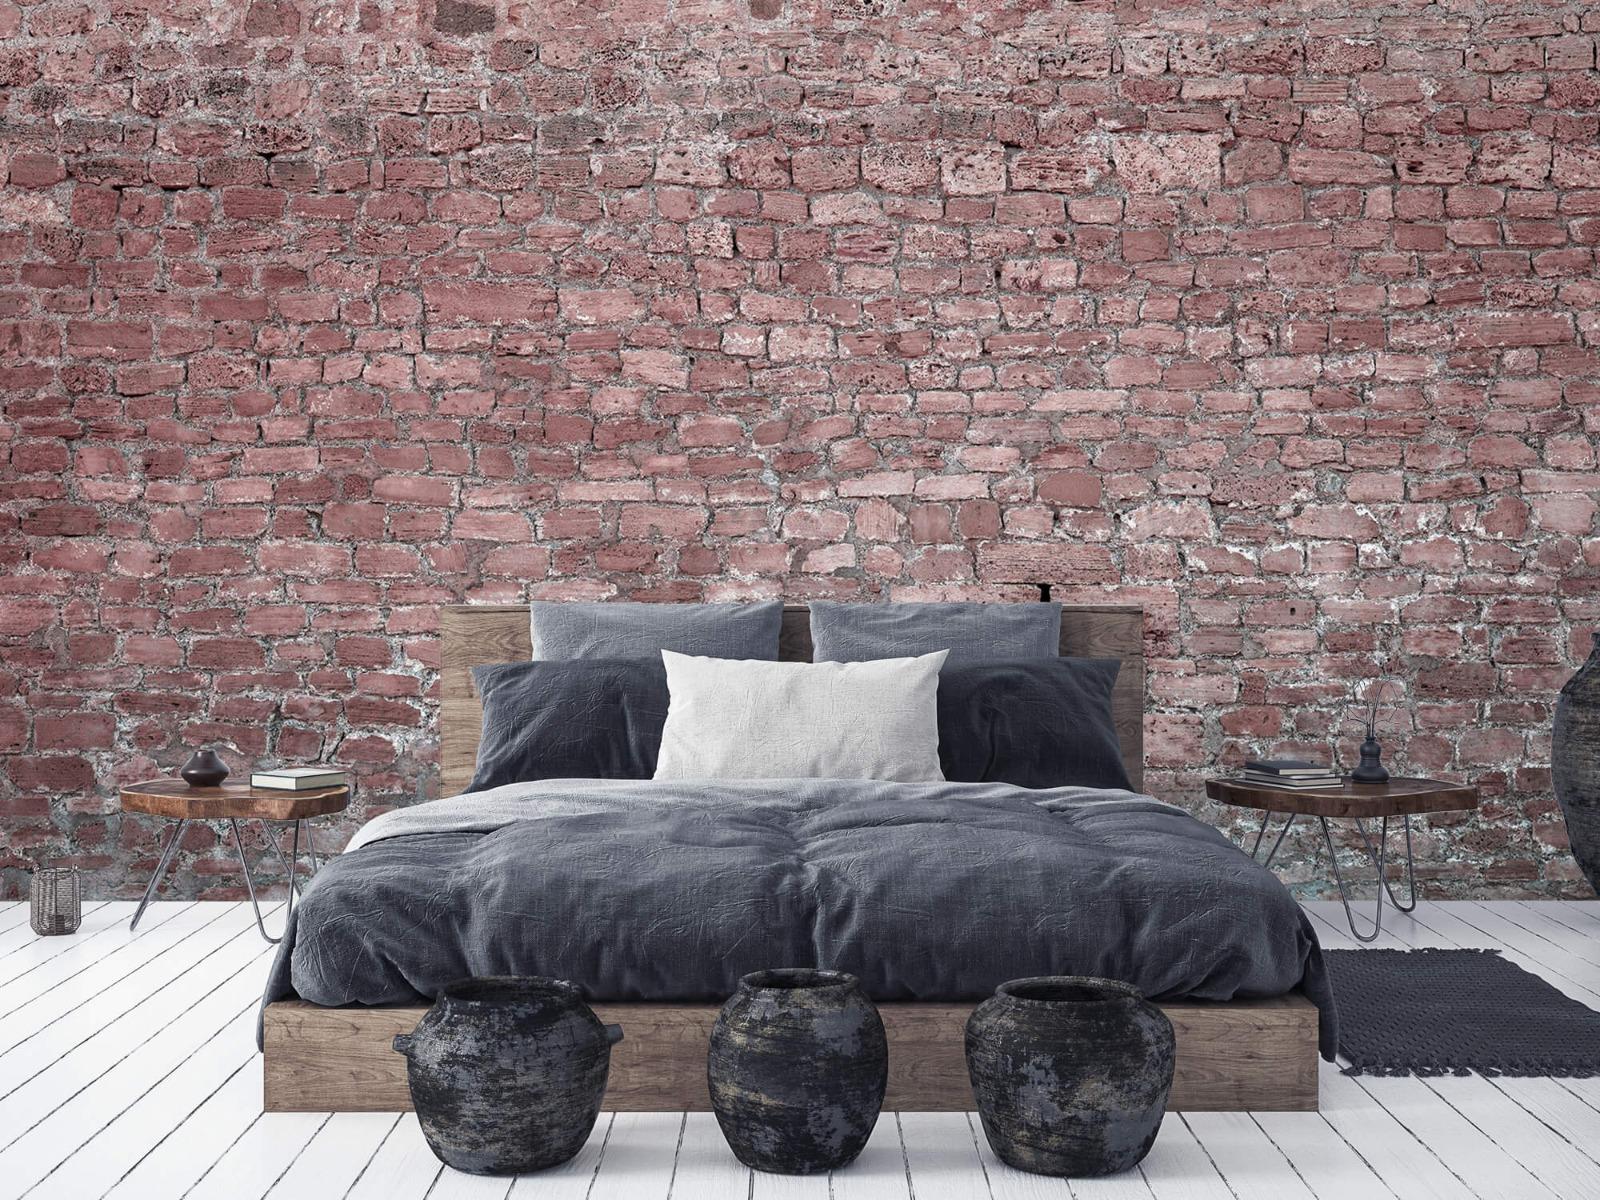 Steen behang - Muur van oude stenen - Tienerkamer 5